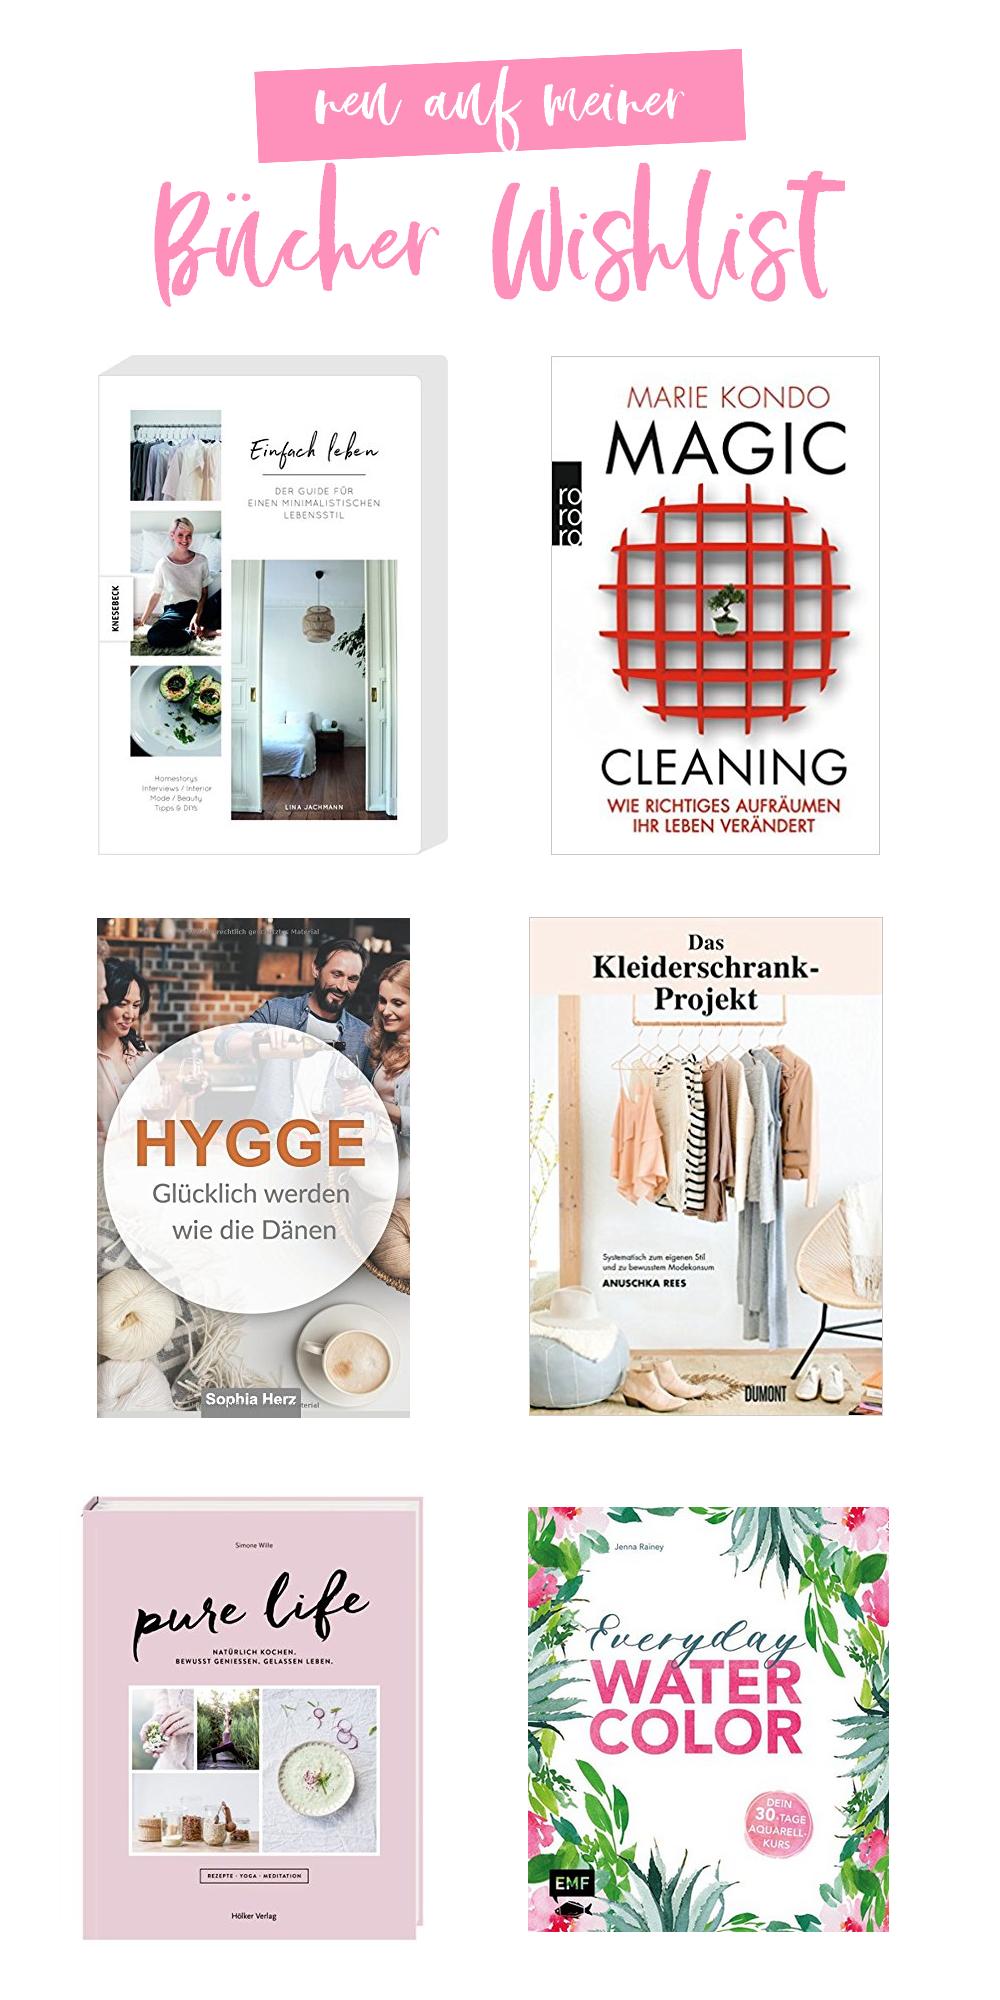 Leben, Kochen, Kreativität - Neu auf meiner Bücher Wishlist